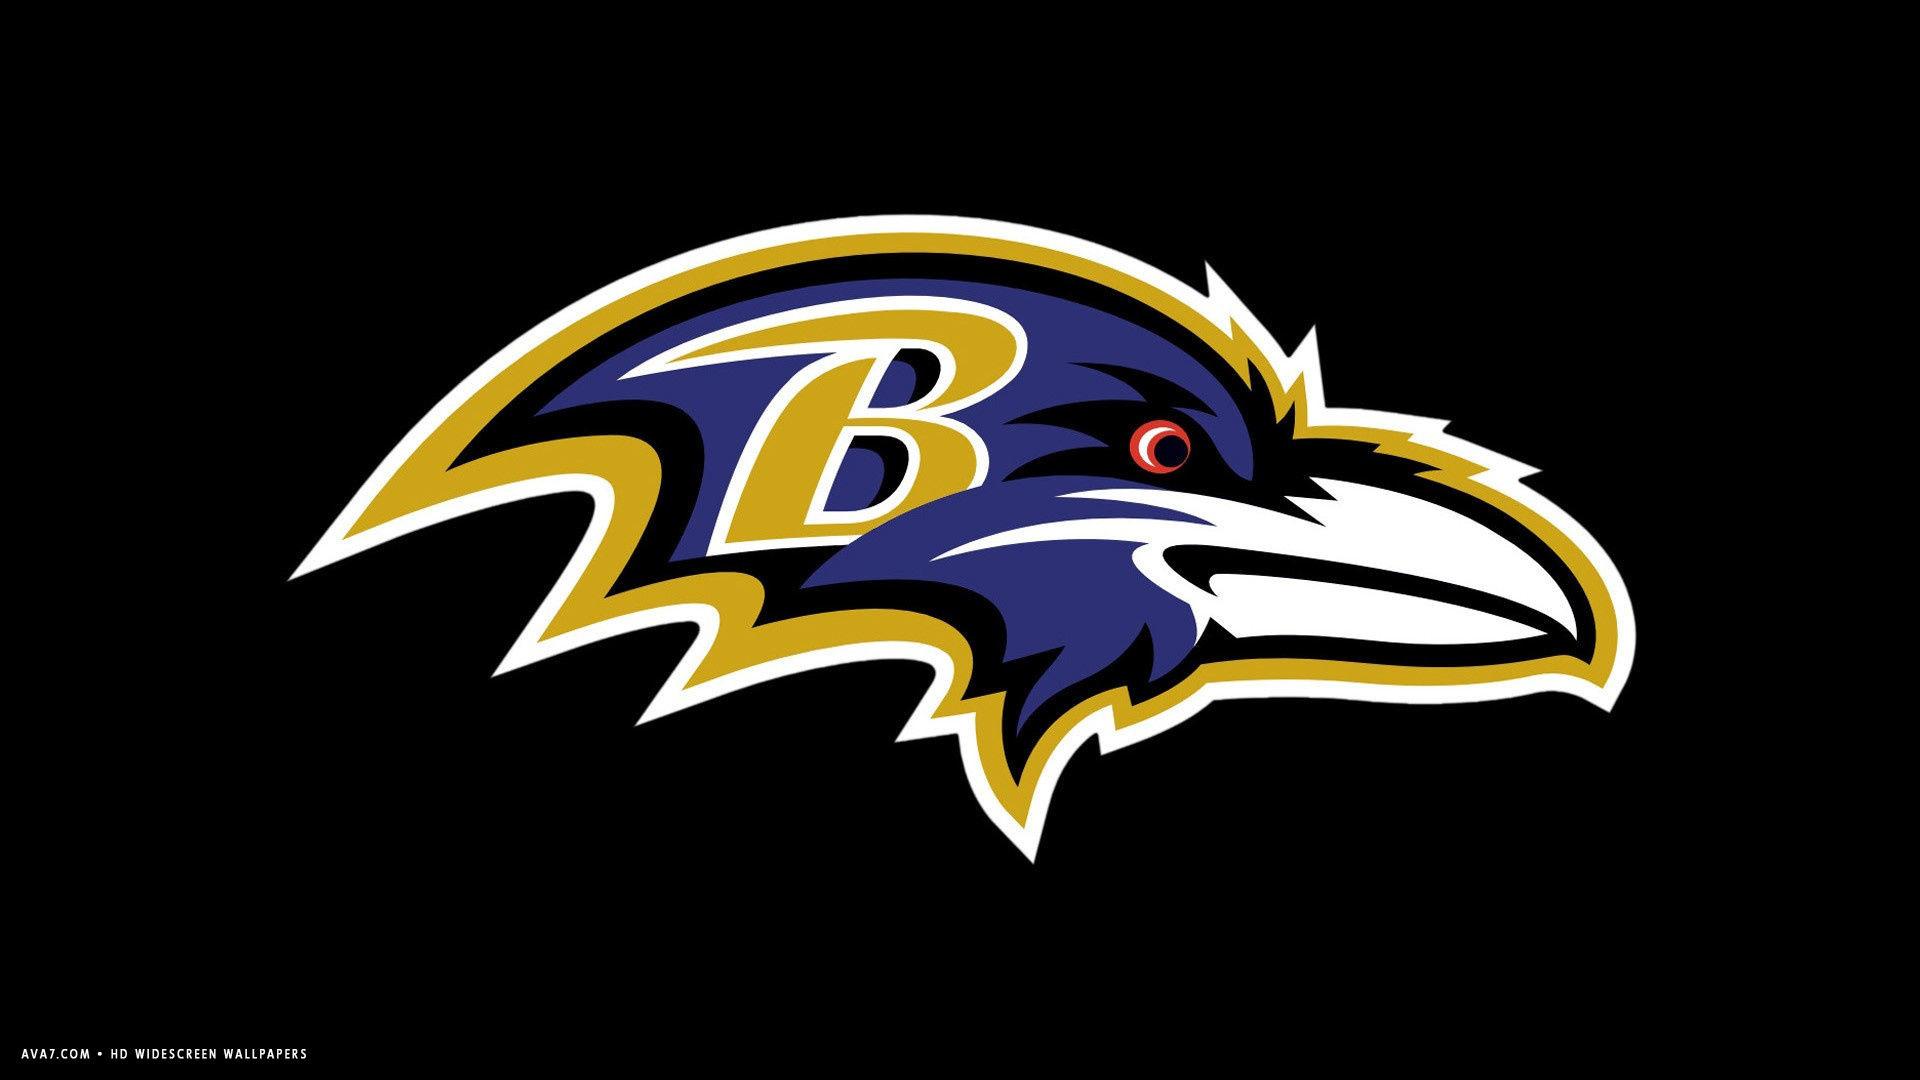 baltimore ravens football logo hd wallpaper hd widescreen wallpaper